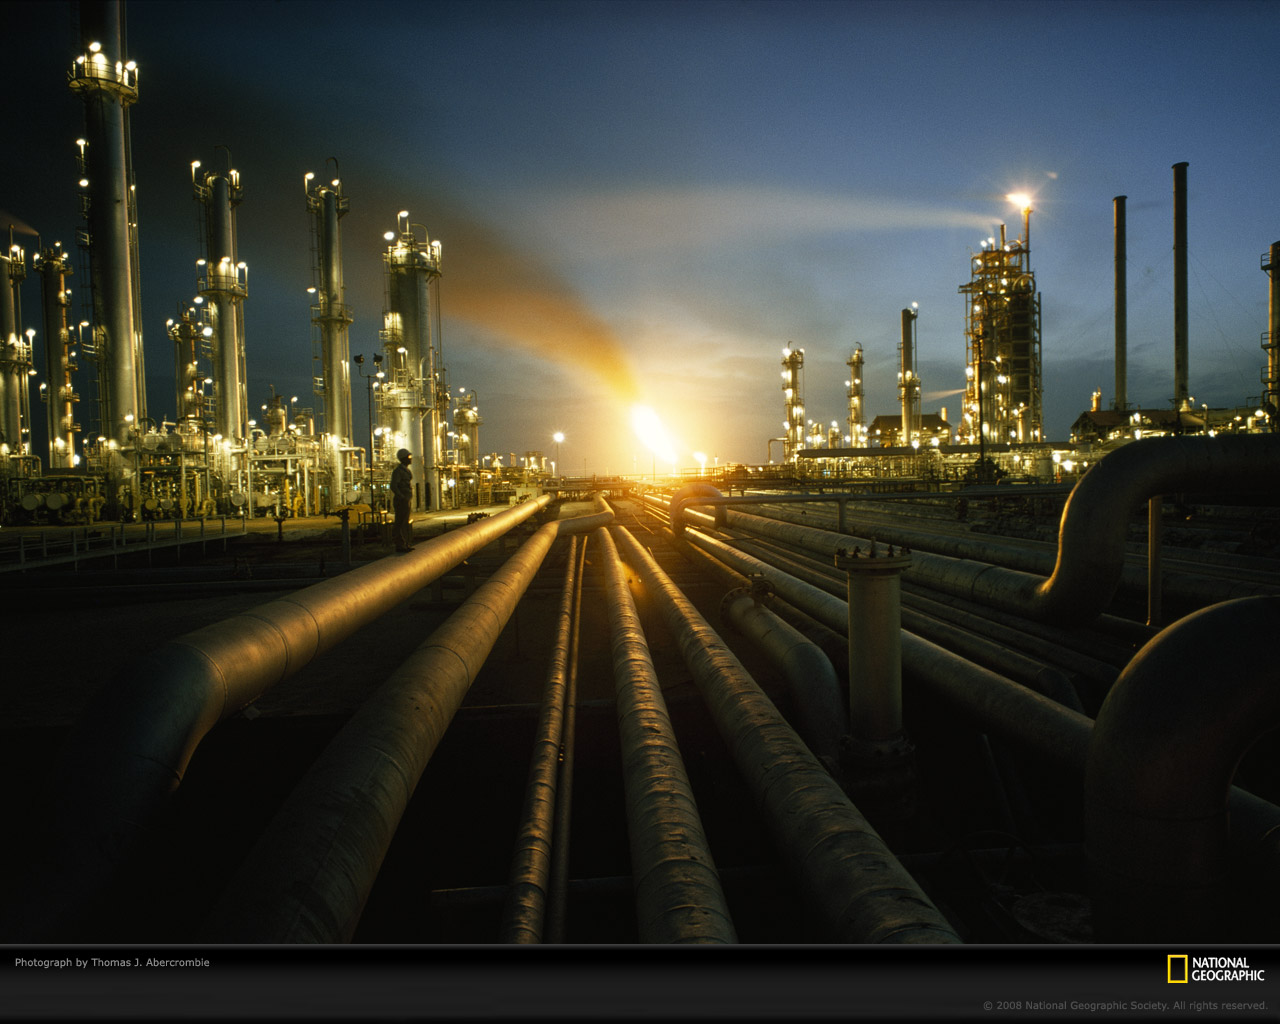 沙特加强电力基础设施建设 中东国家大力发展能源产业